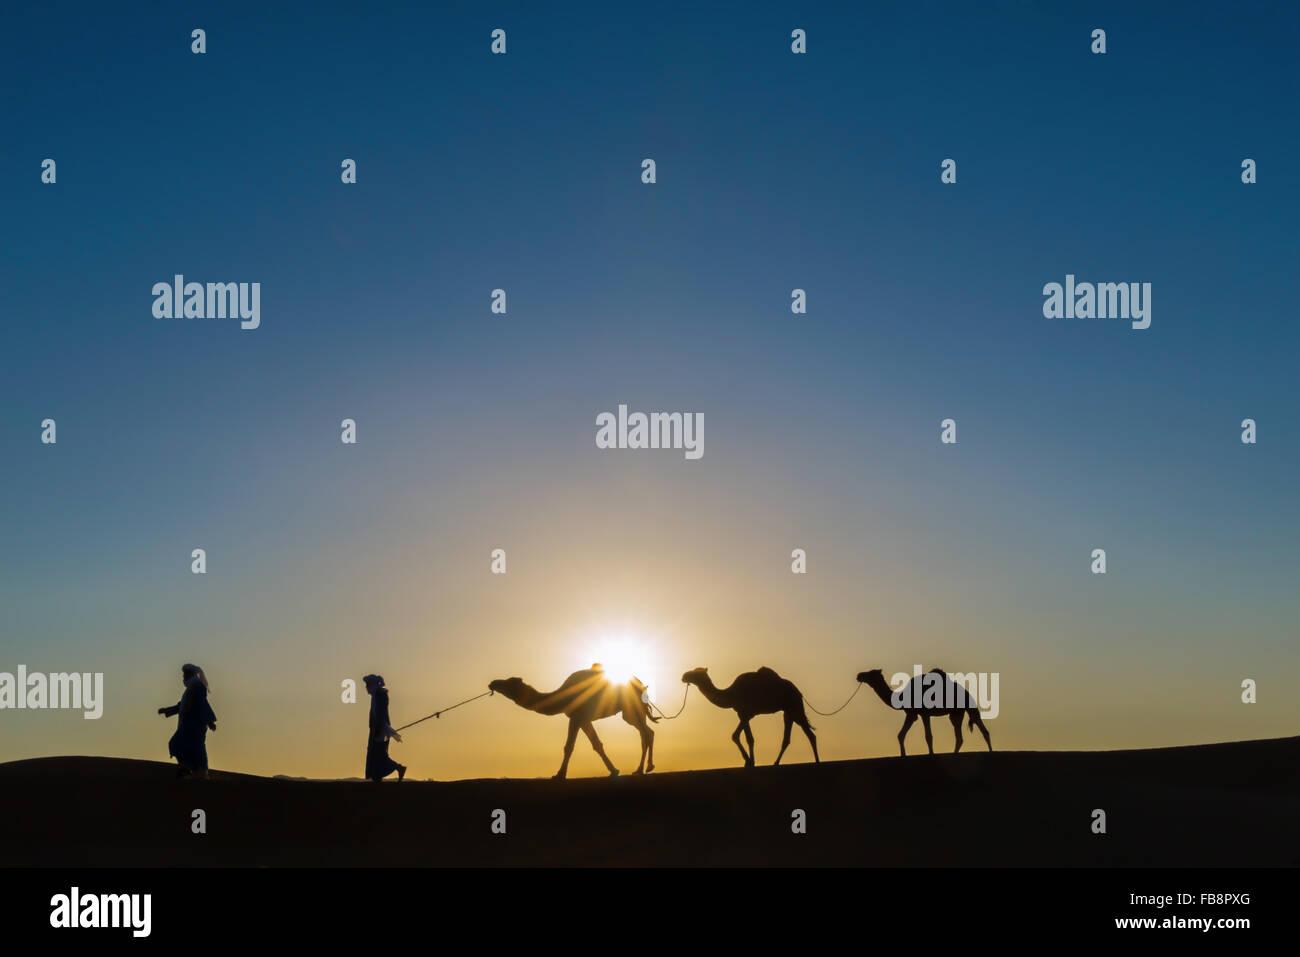 Los nómadas con dromedarios (camellos) al amanecer en el desierto del Sáhara de Marruecos. Imagen De Stock